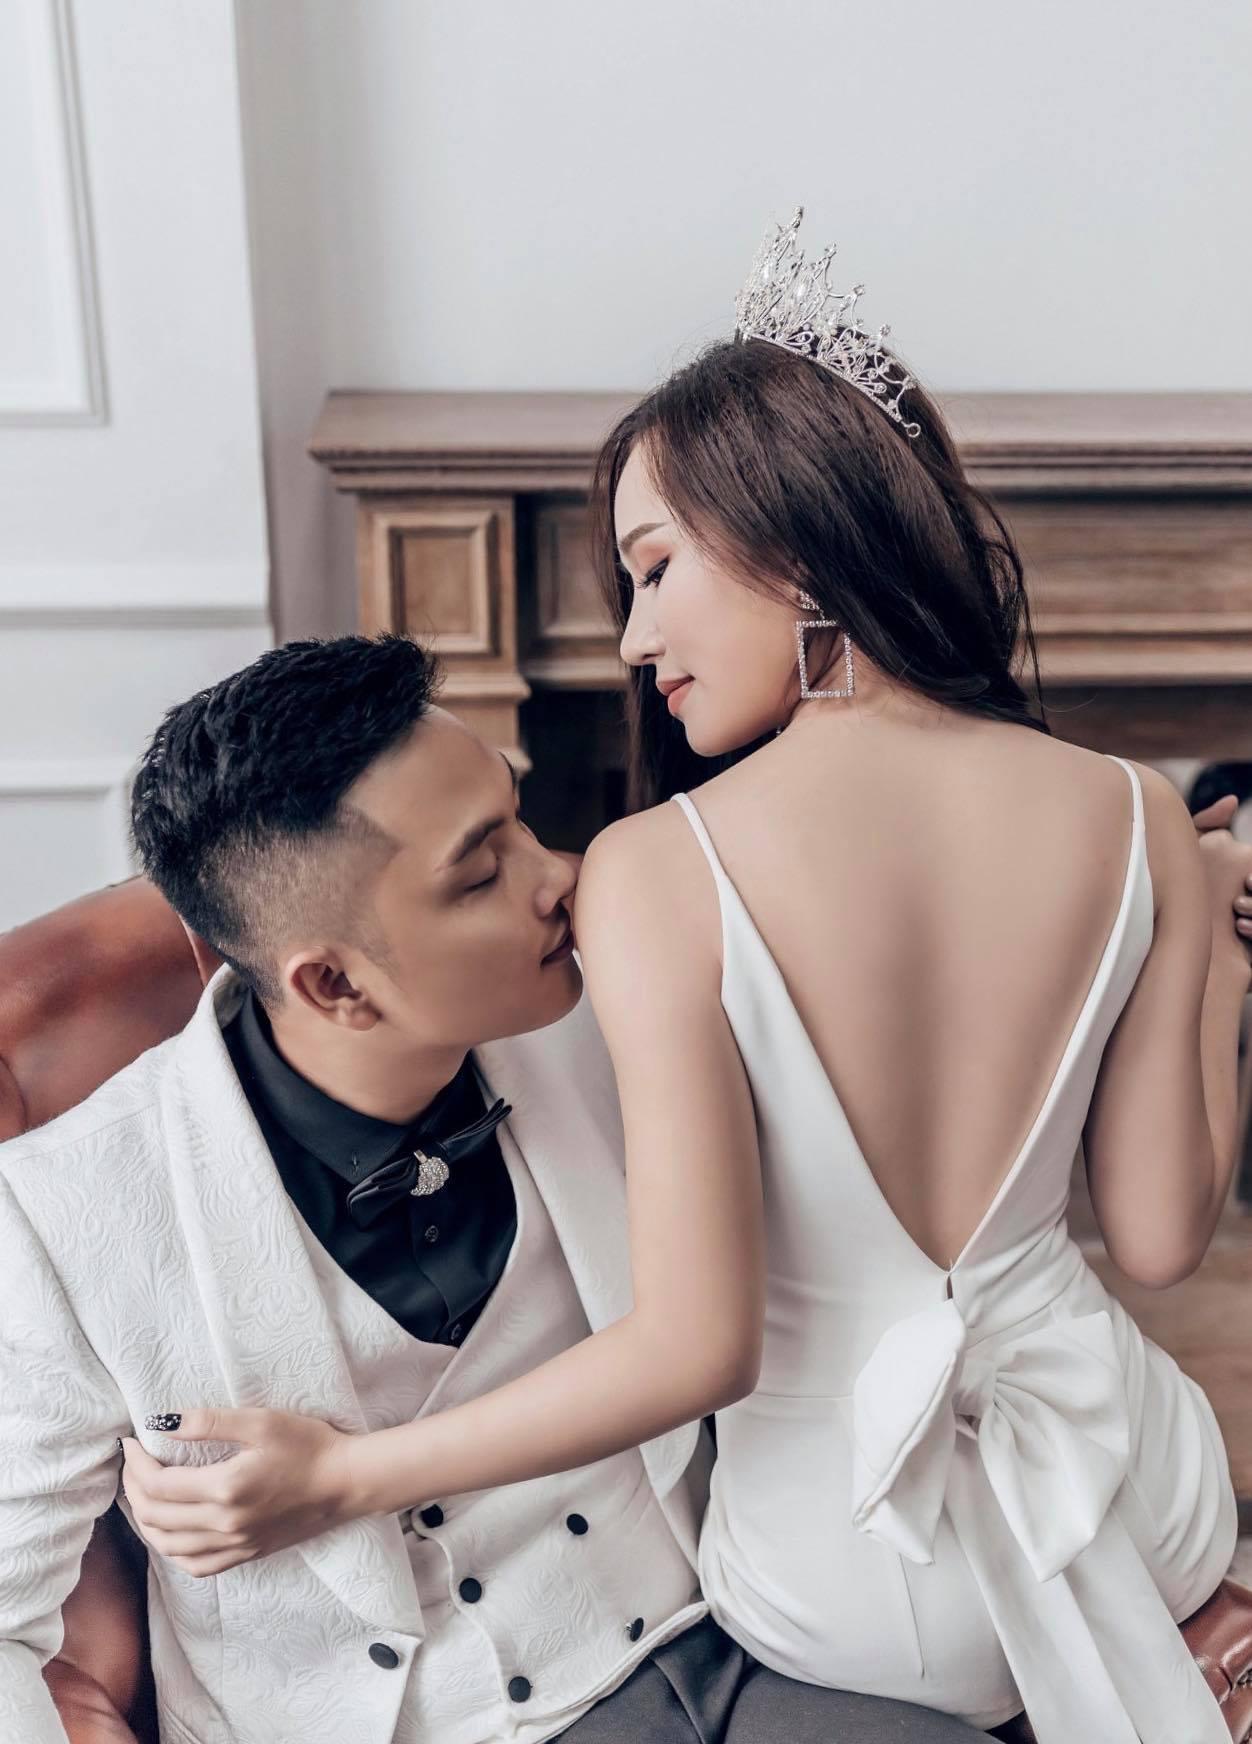 Lương Hoài Thương- CEO Thương Hiệu Mỹ Phẩm Roza-Một trong số ít doanh nhân trẻ sở hữu doanh nghiệp riêng sau khi tốt nghiệp đại học - Ảnh 5